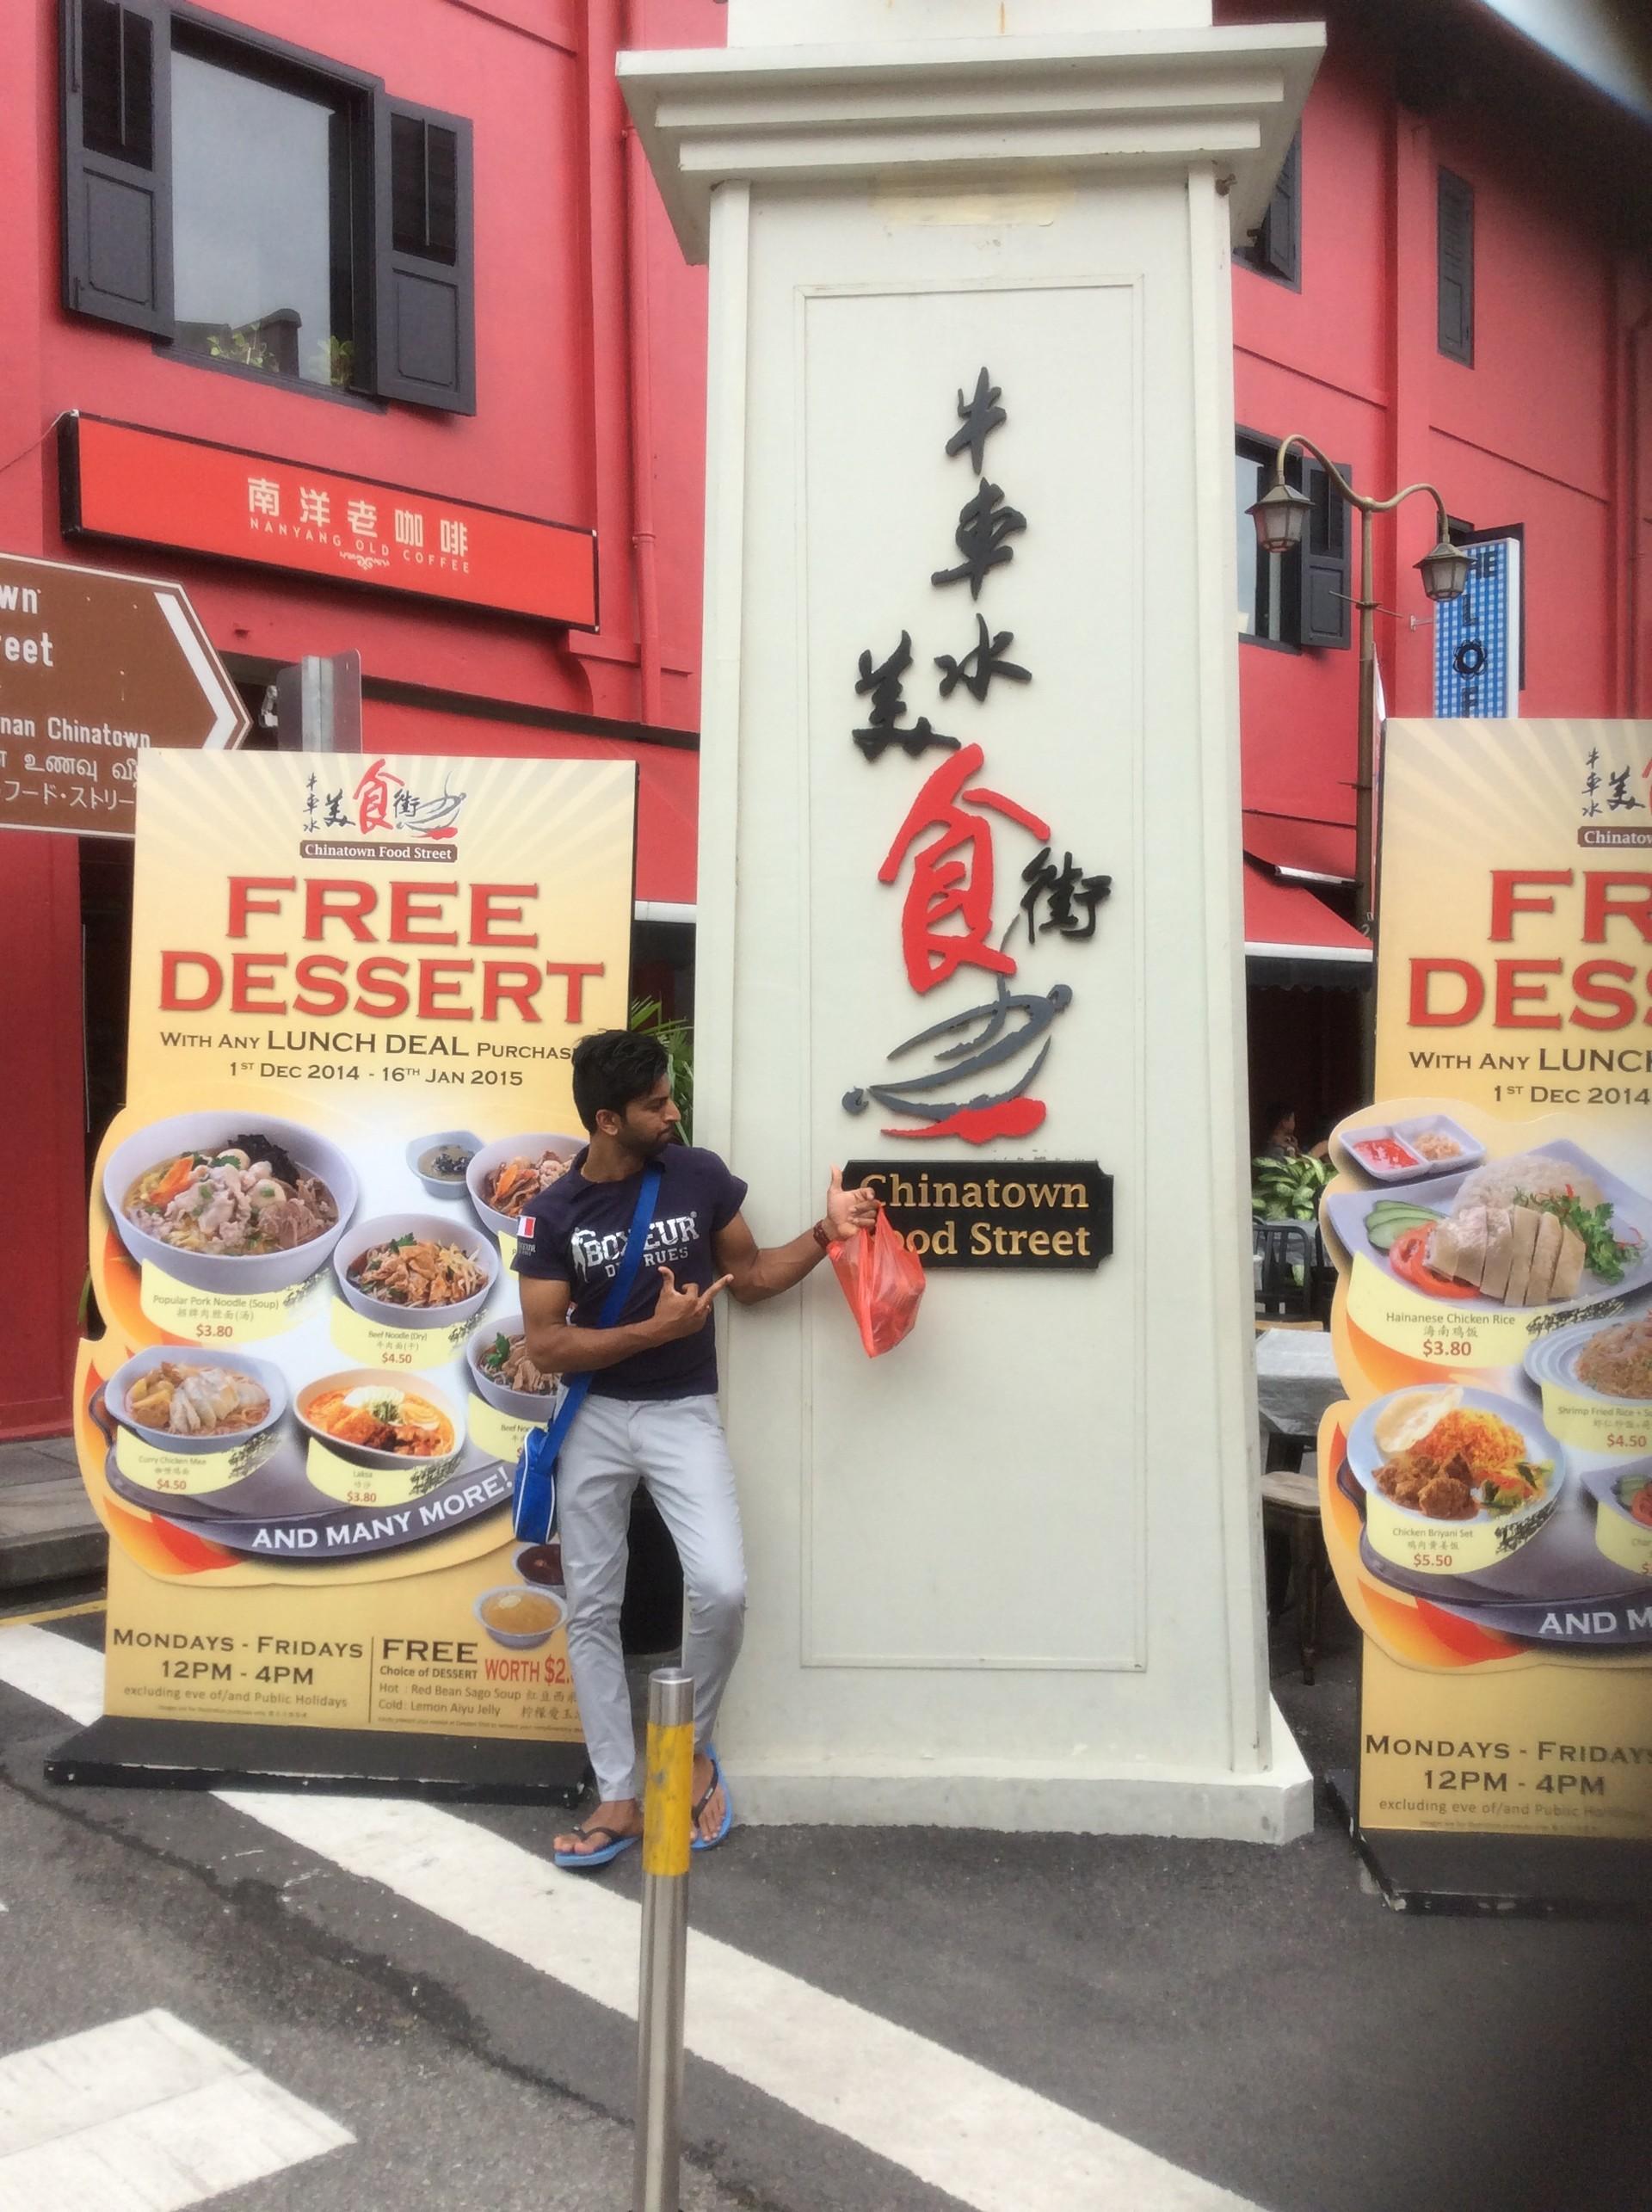 Targ uliczny w Chinatown, Singapur